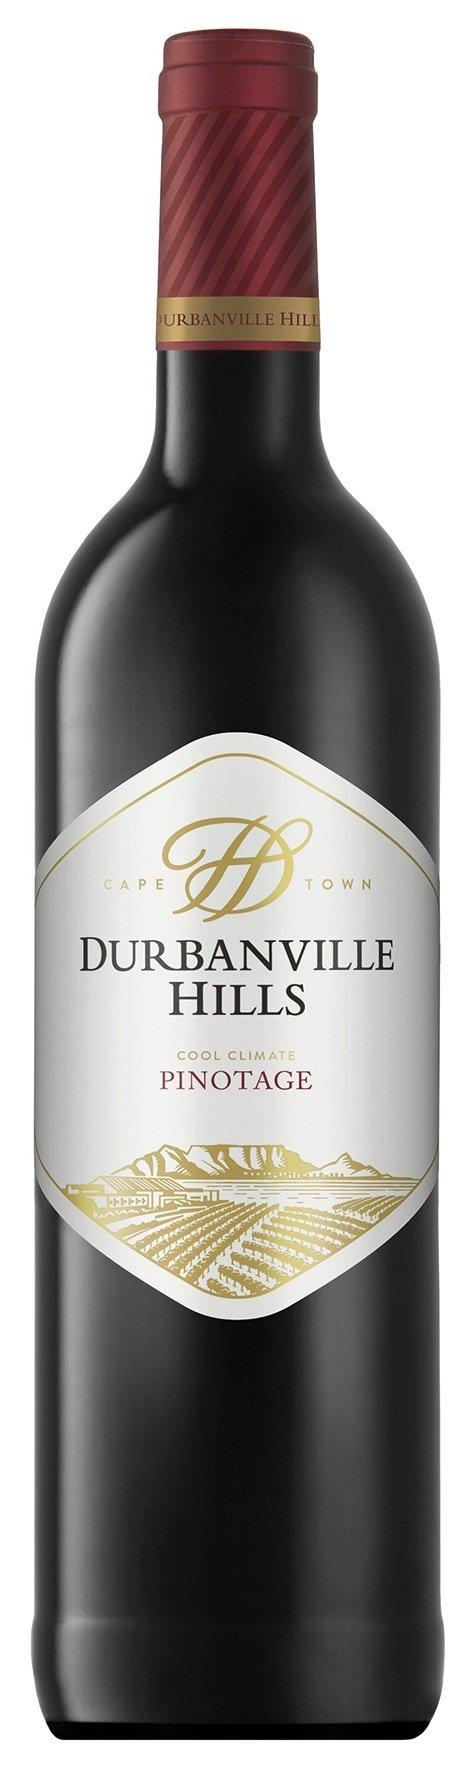 6x-075l-2017er-Durbanville-Hills-Pinotage-Durbanville-WO-Sdafrika-Rotwein-trocken